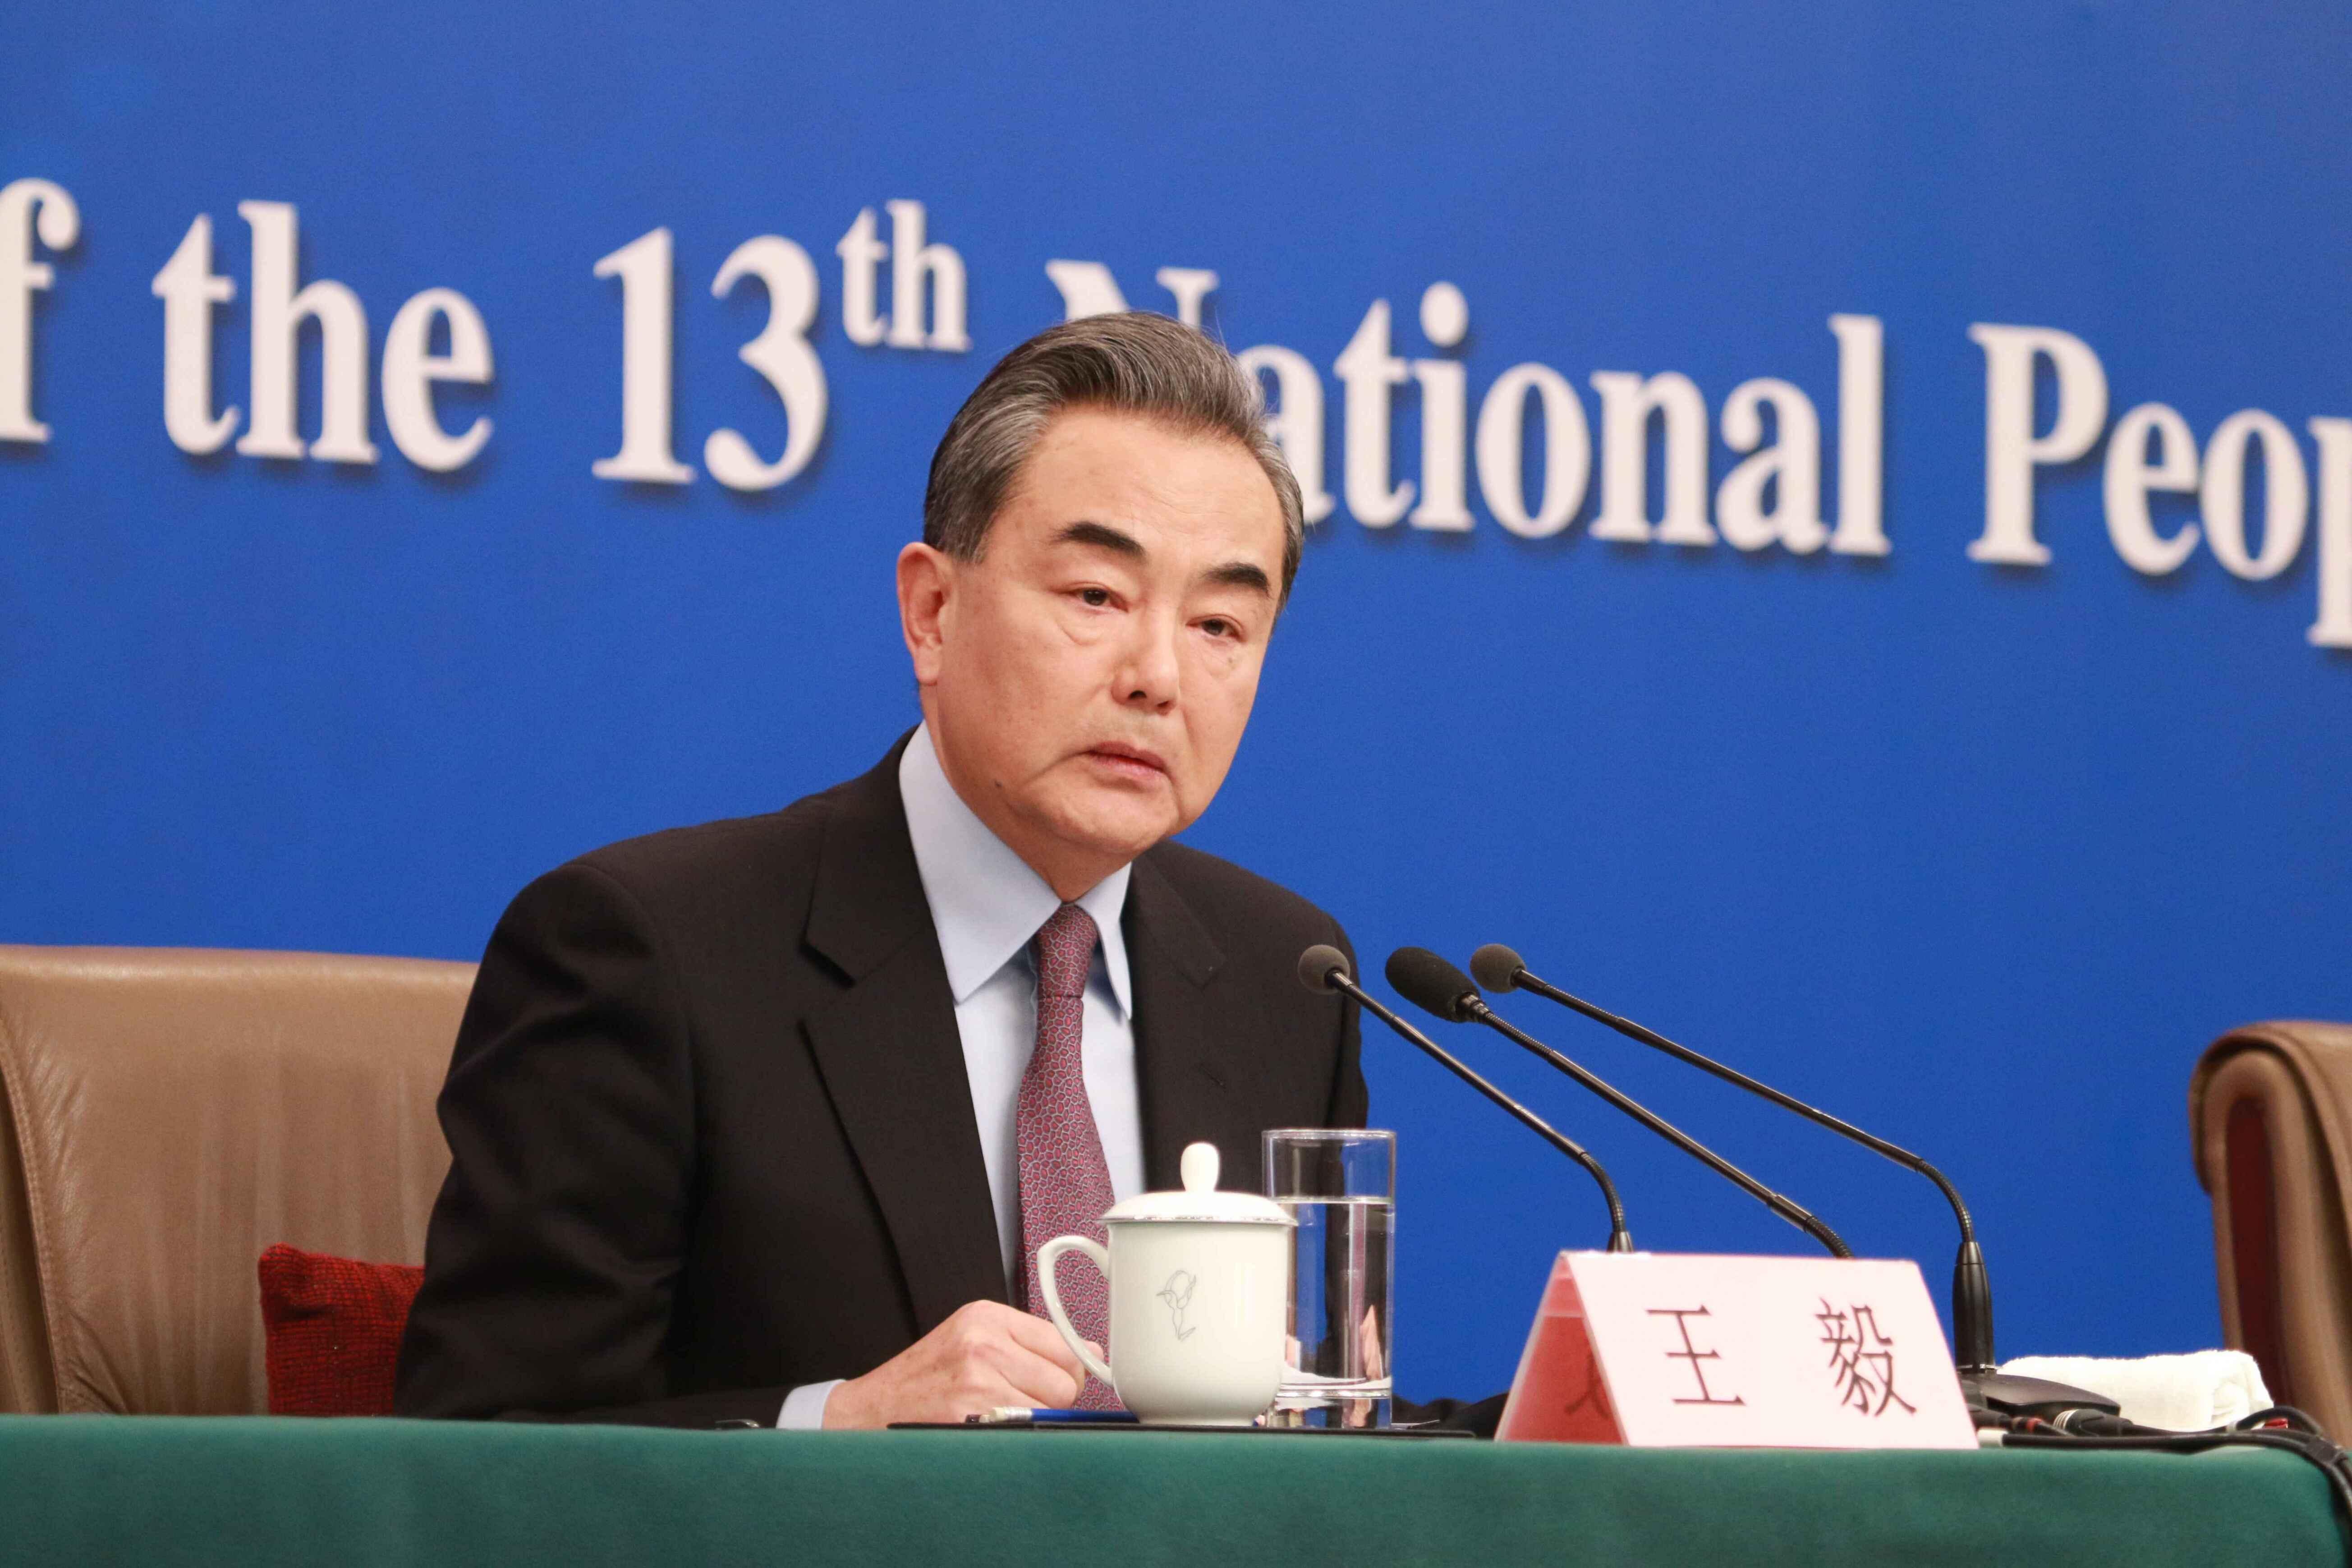 王毅:我每年都会回答一个关于领事保护方面的问题,这是外交接地气的表现